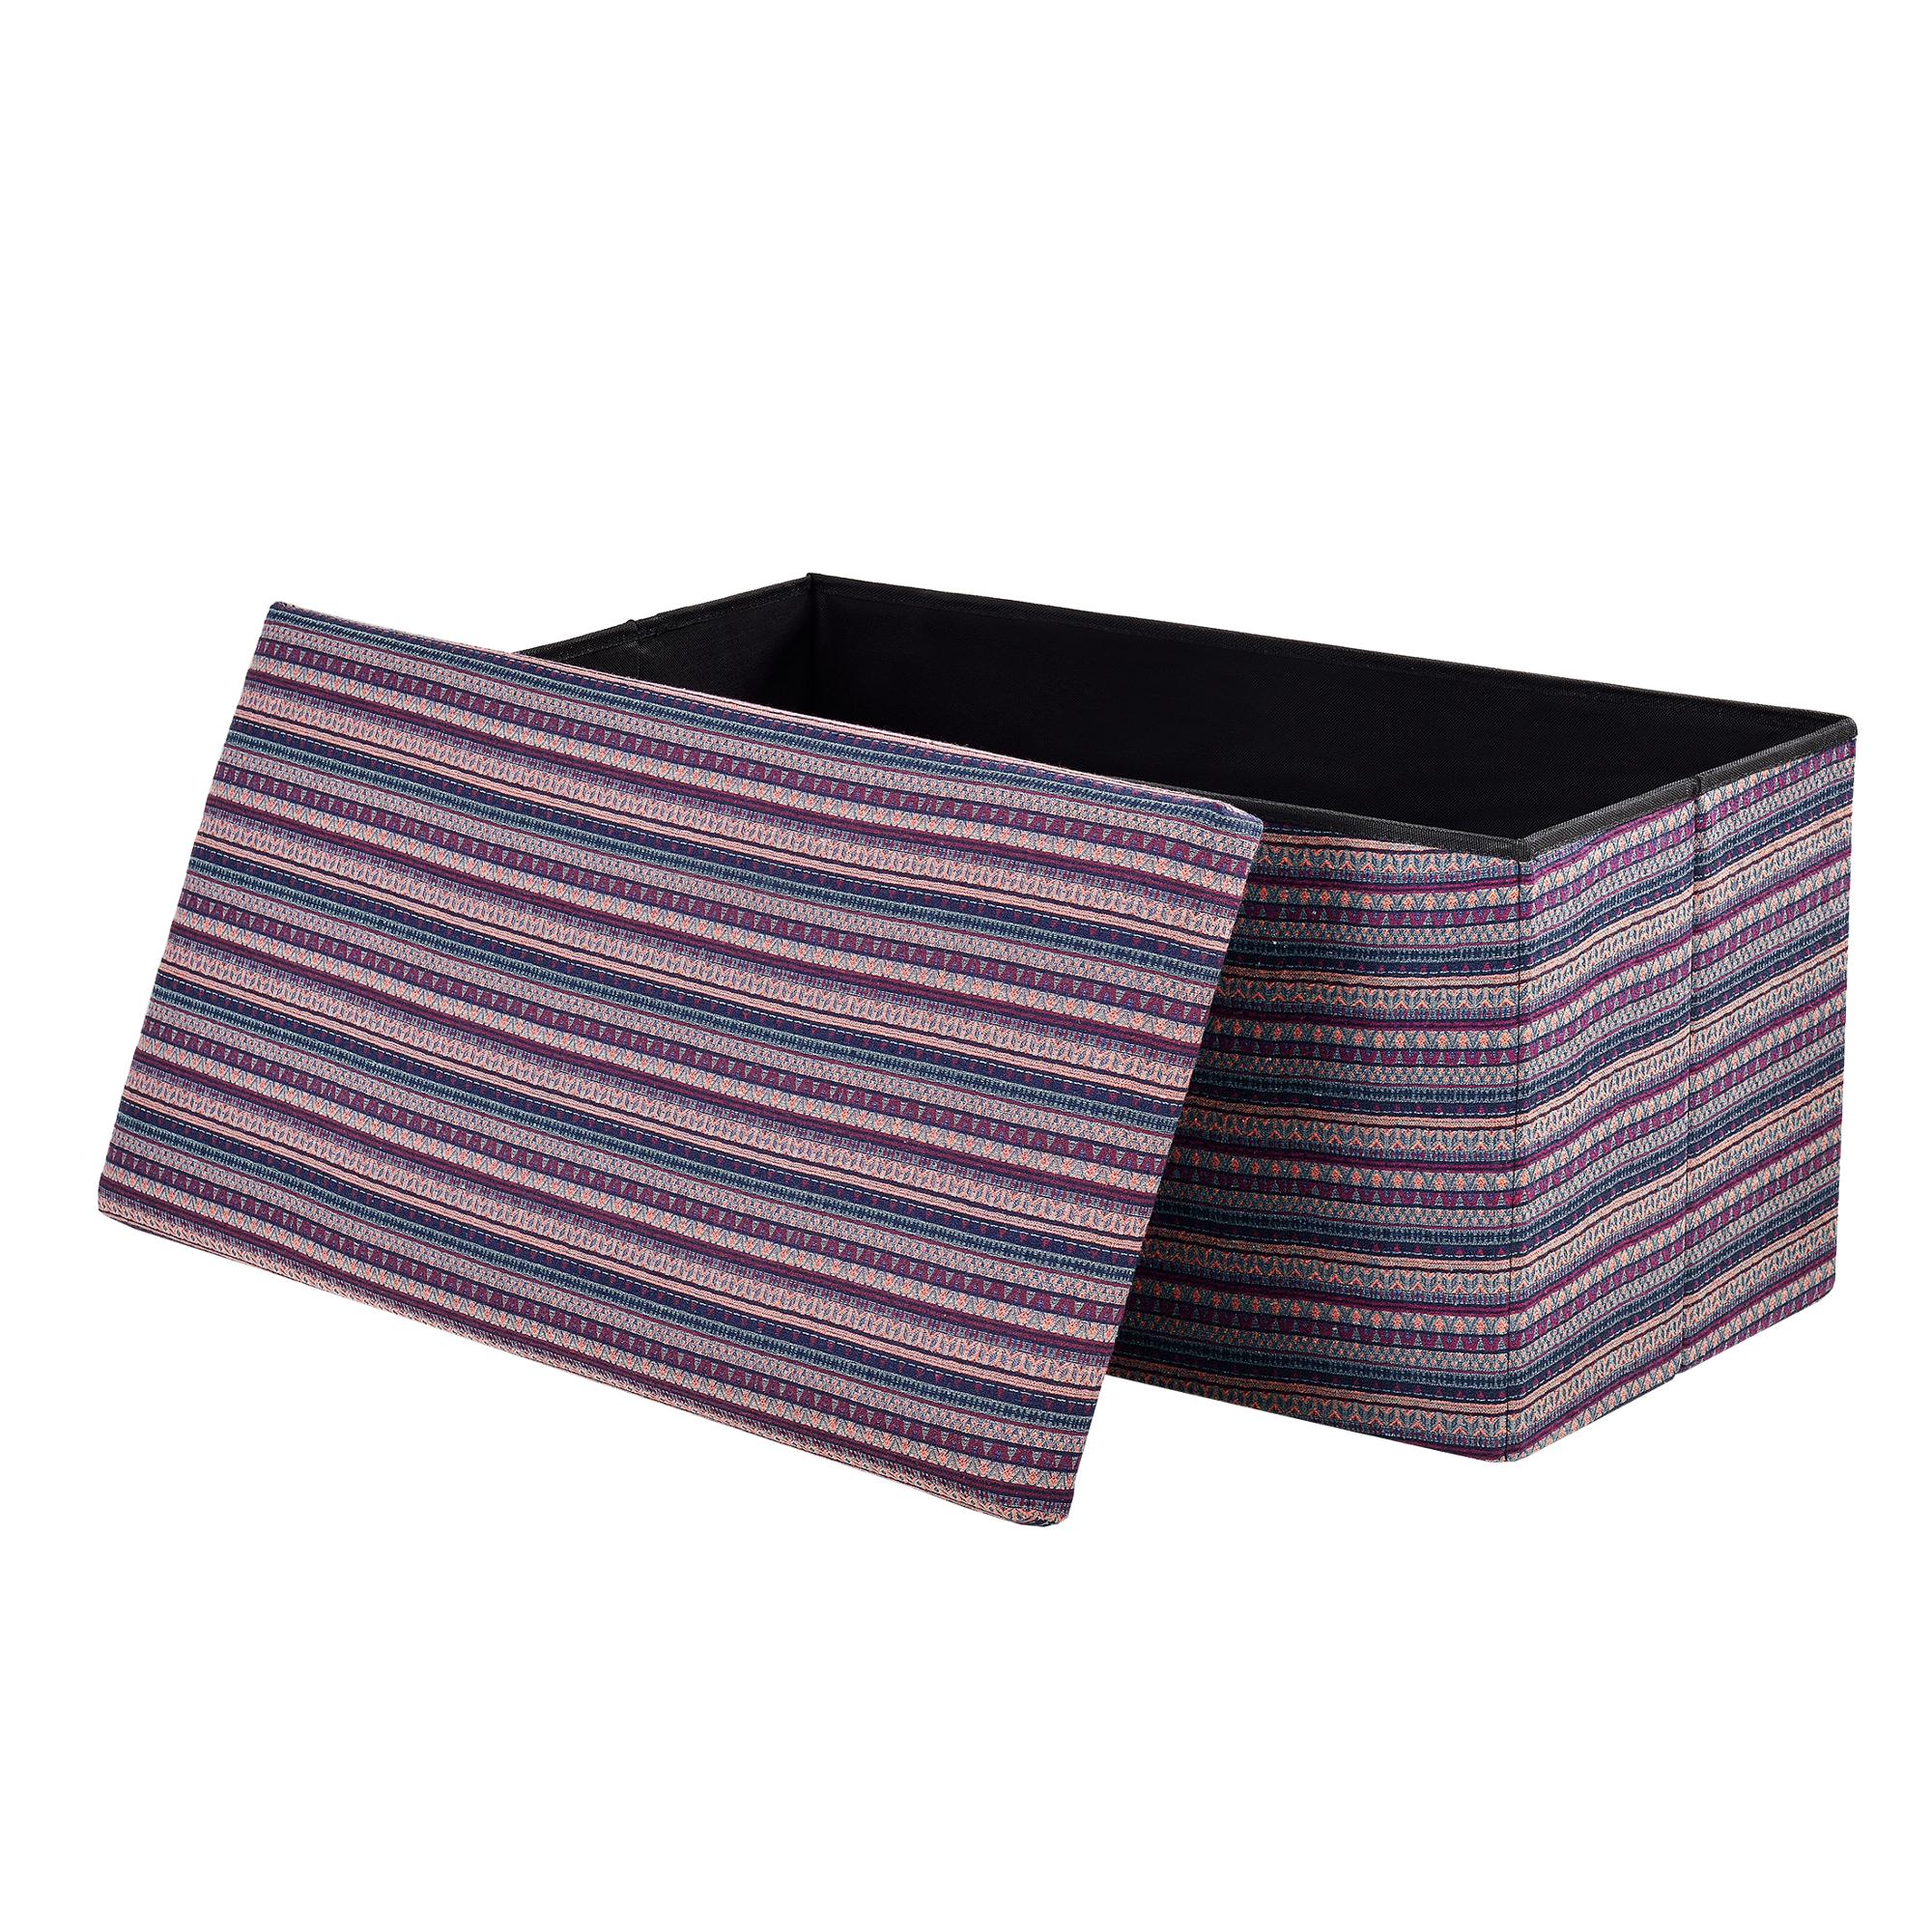 [en.casa]® Skládací taburet - textil - vzor 2 - 76 x 38 x 38 cm